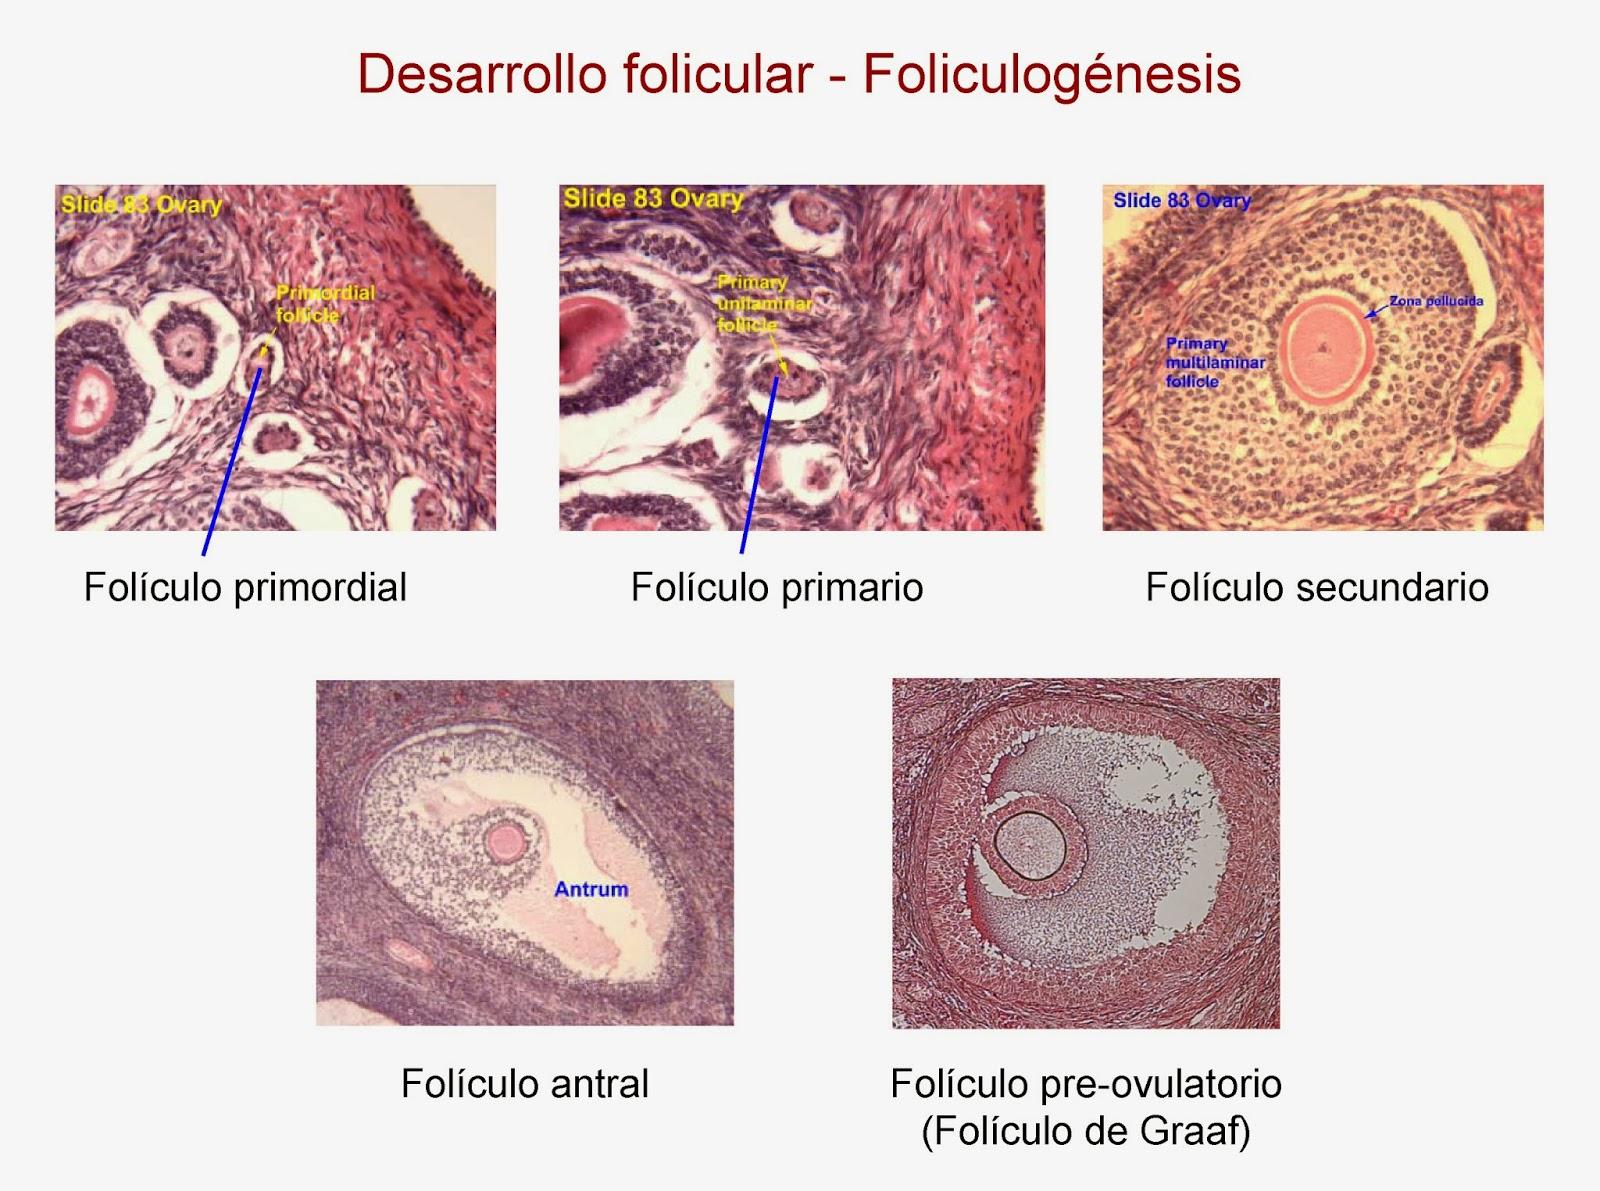 Tipos de folículos según su estadio de maduración